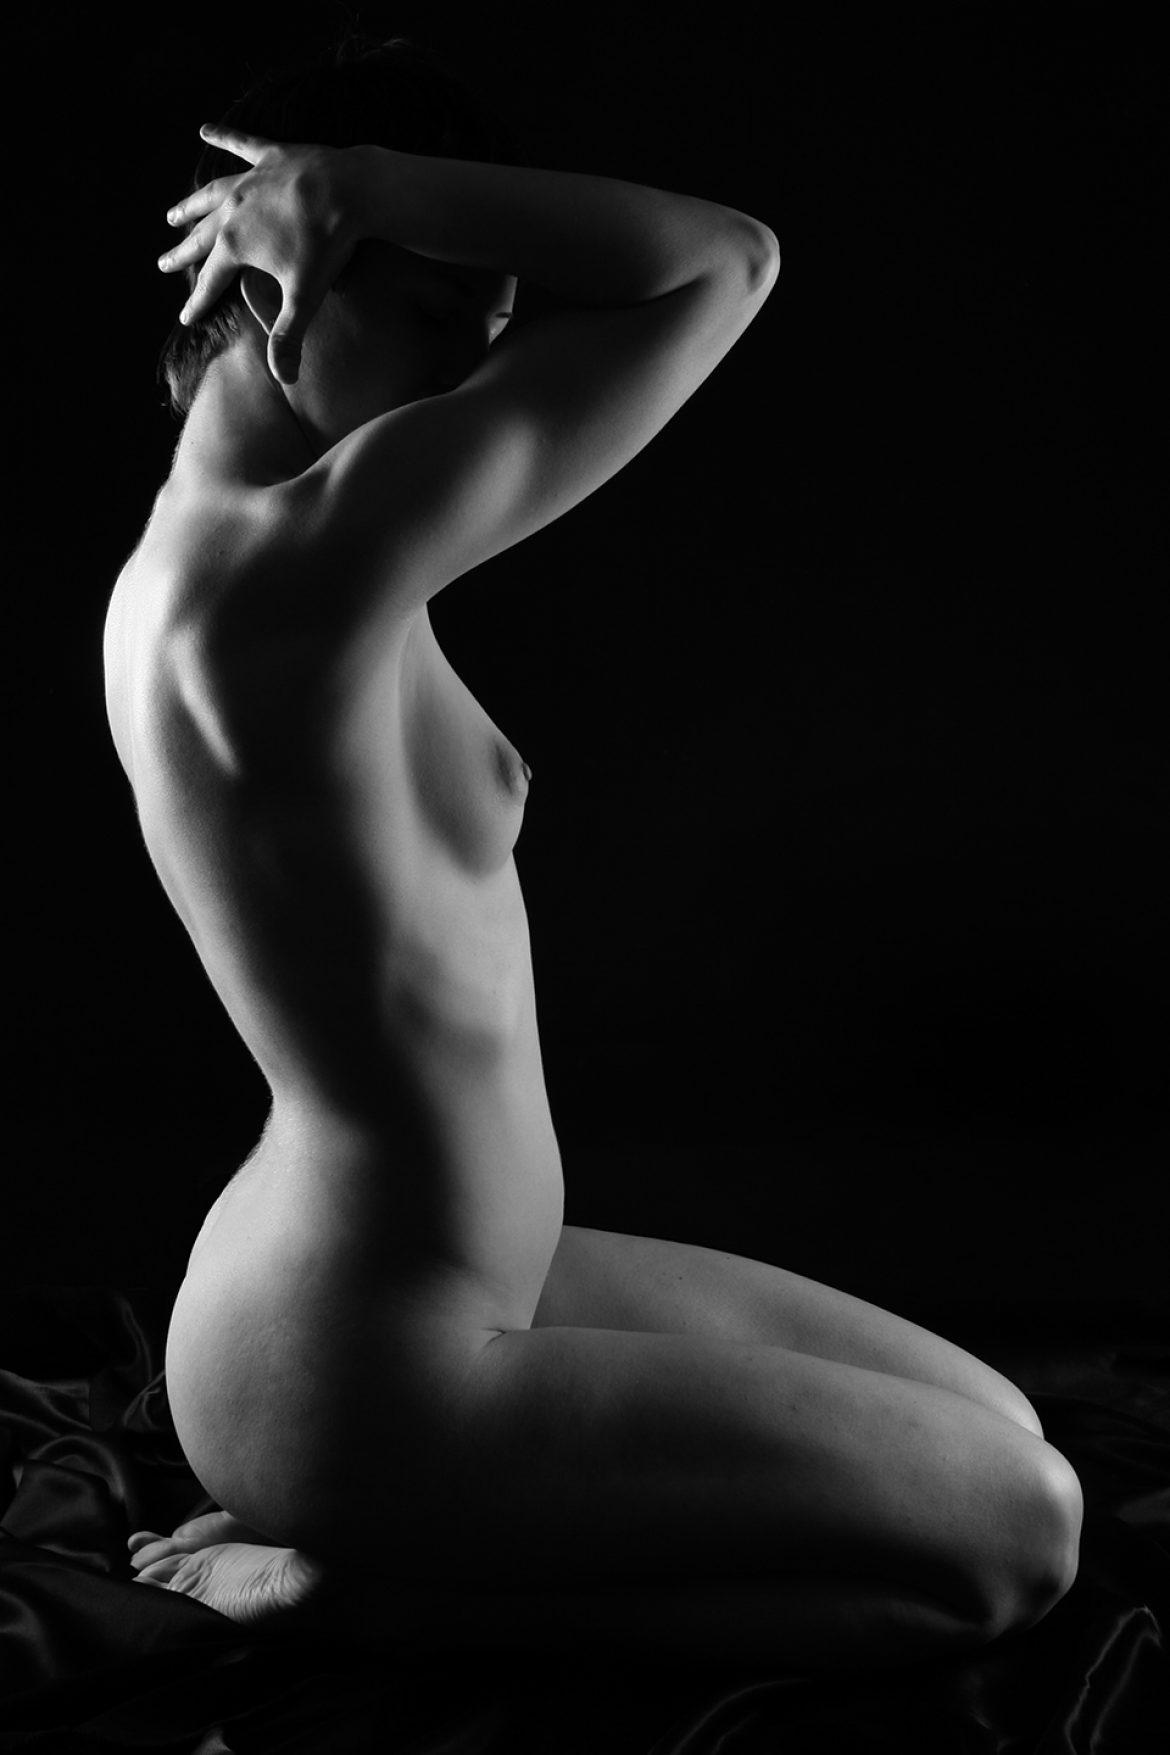 nude girl sitting profile